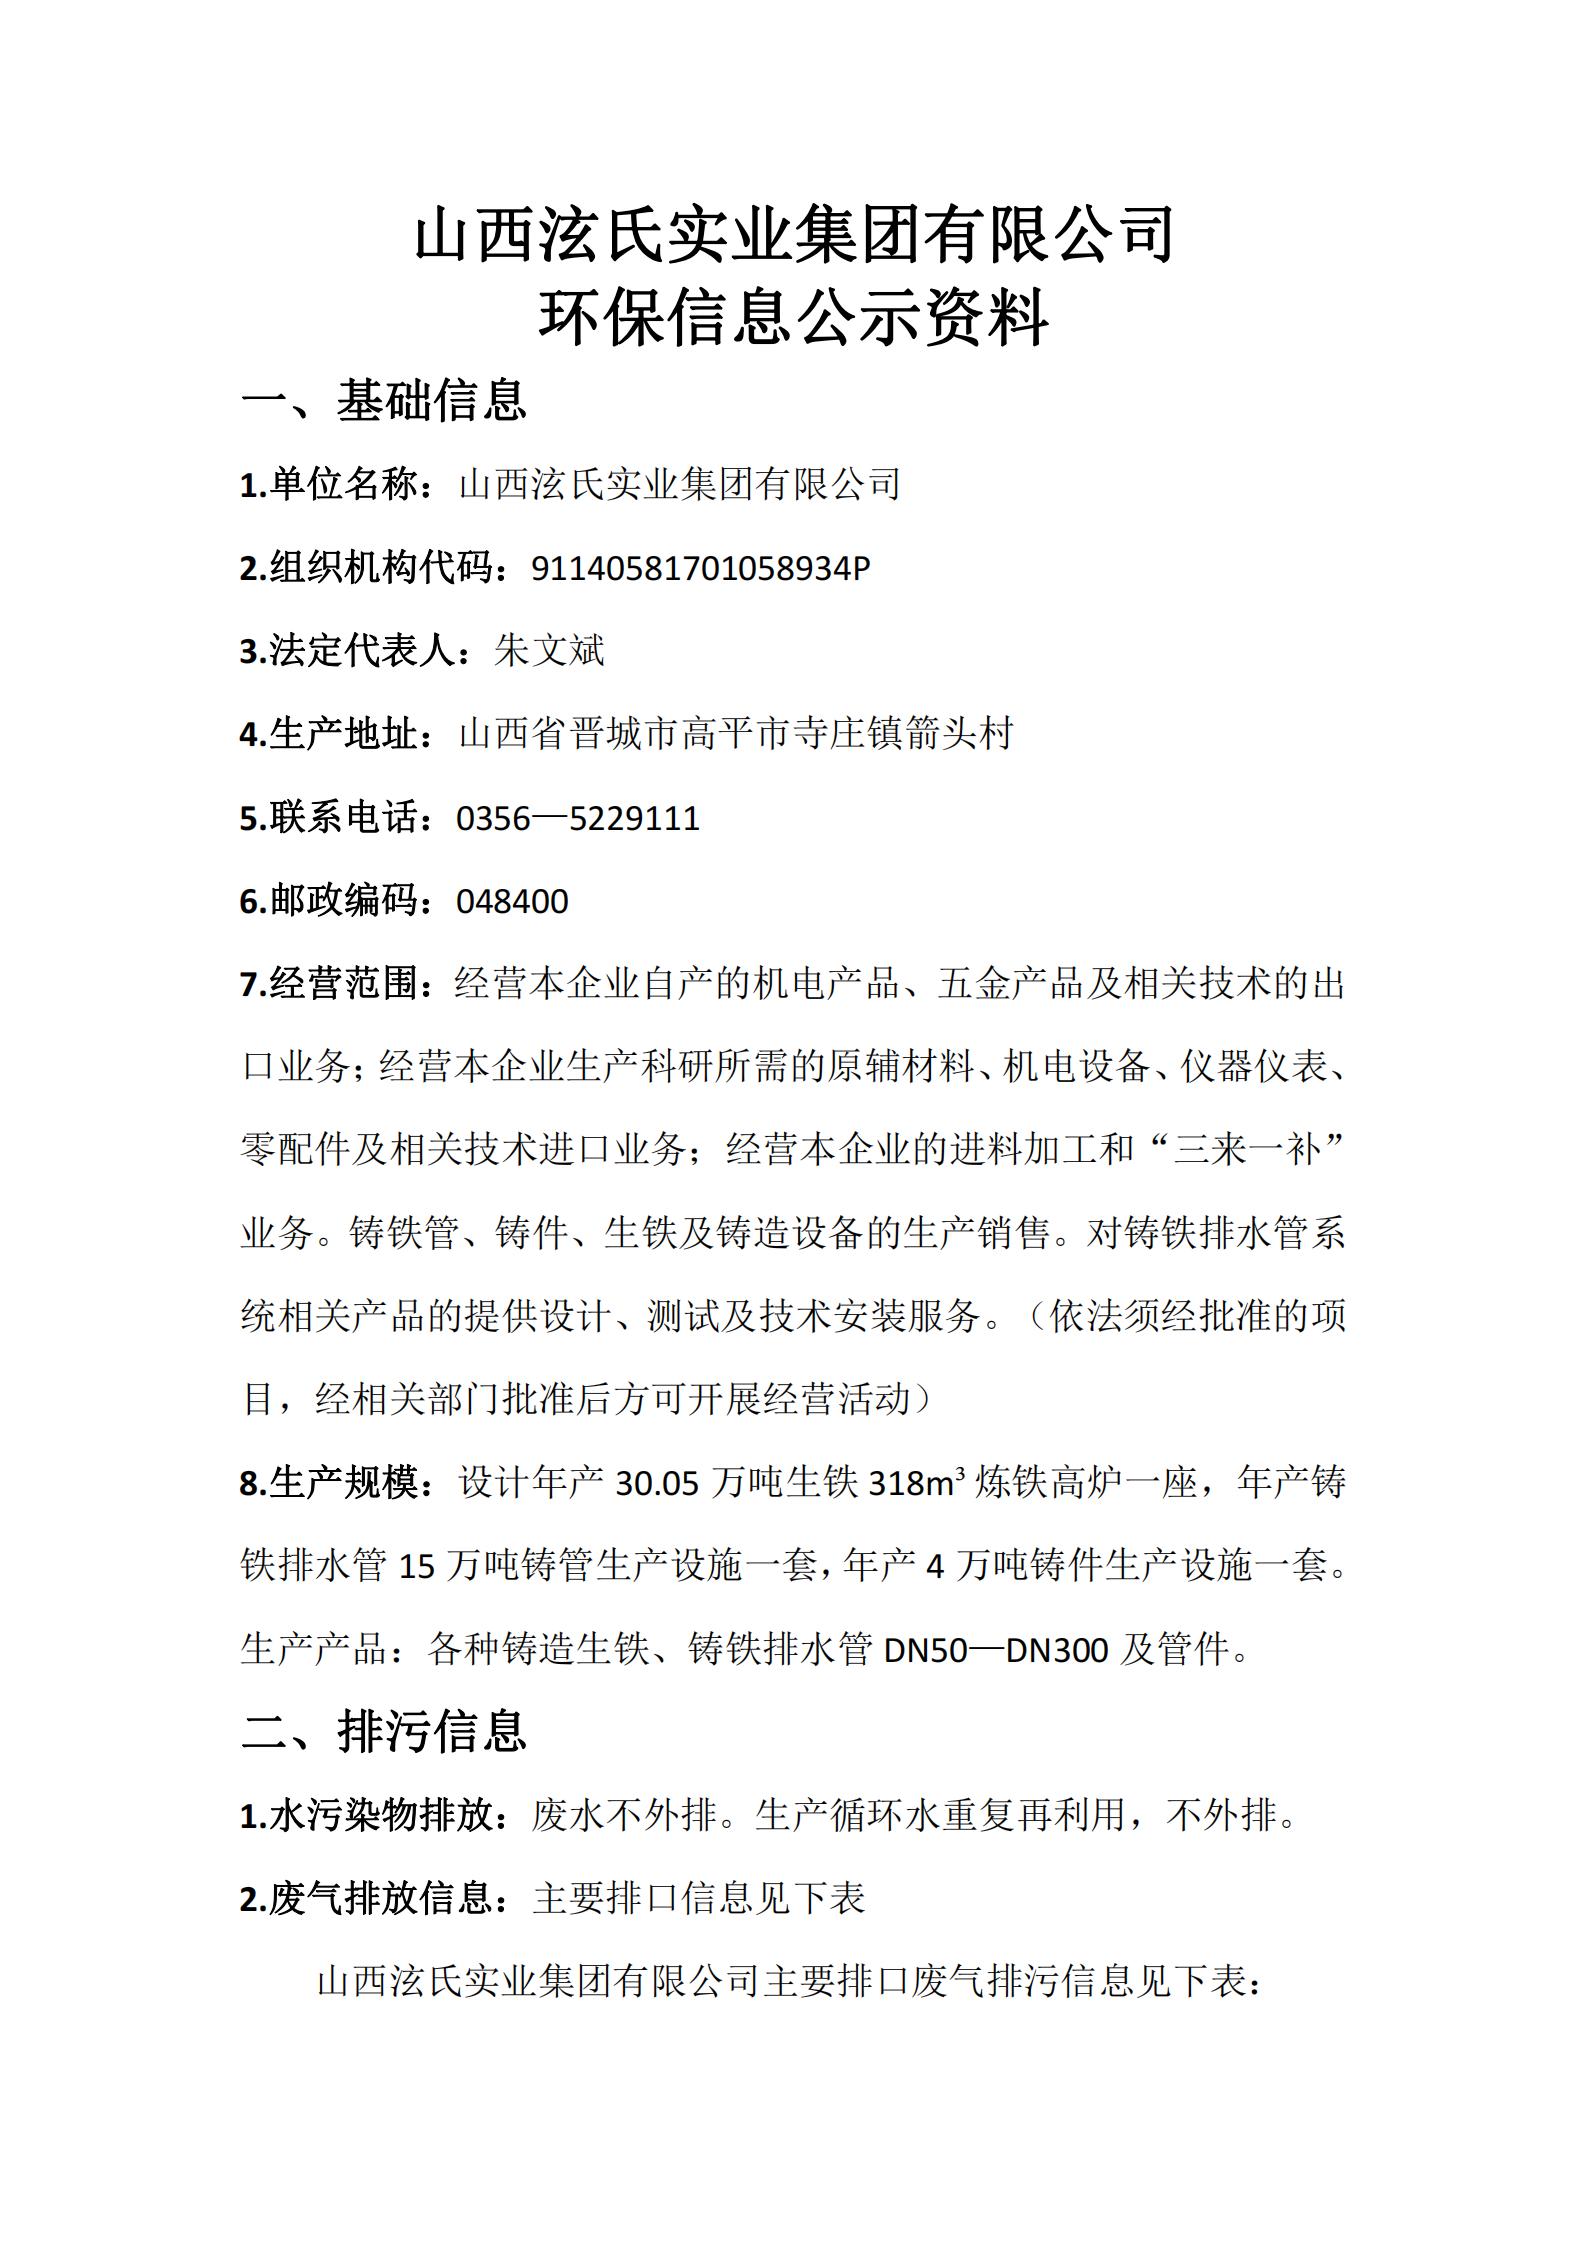 beplay2官网 环保信息公示资料